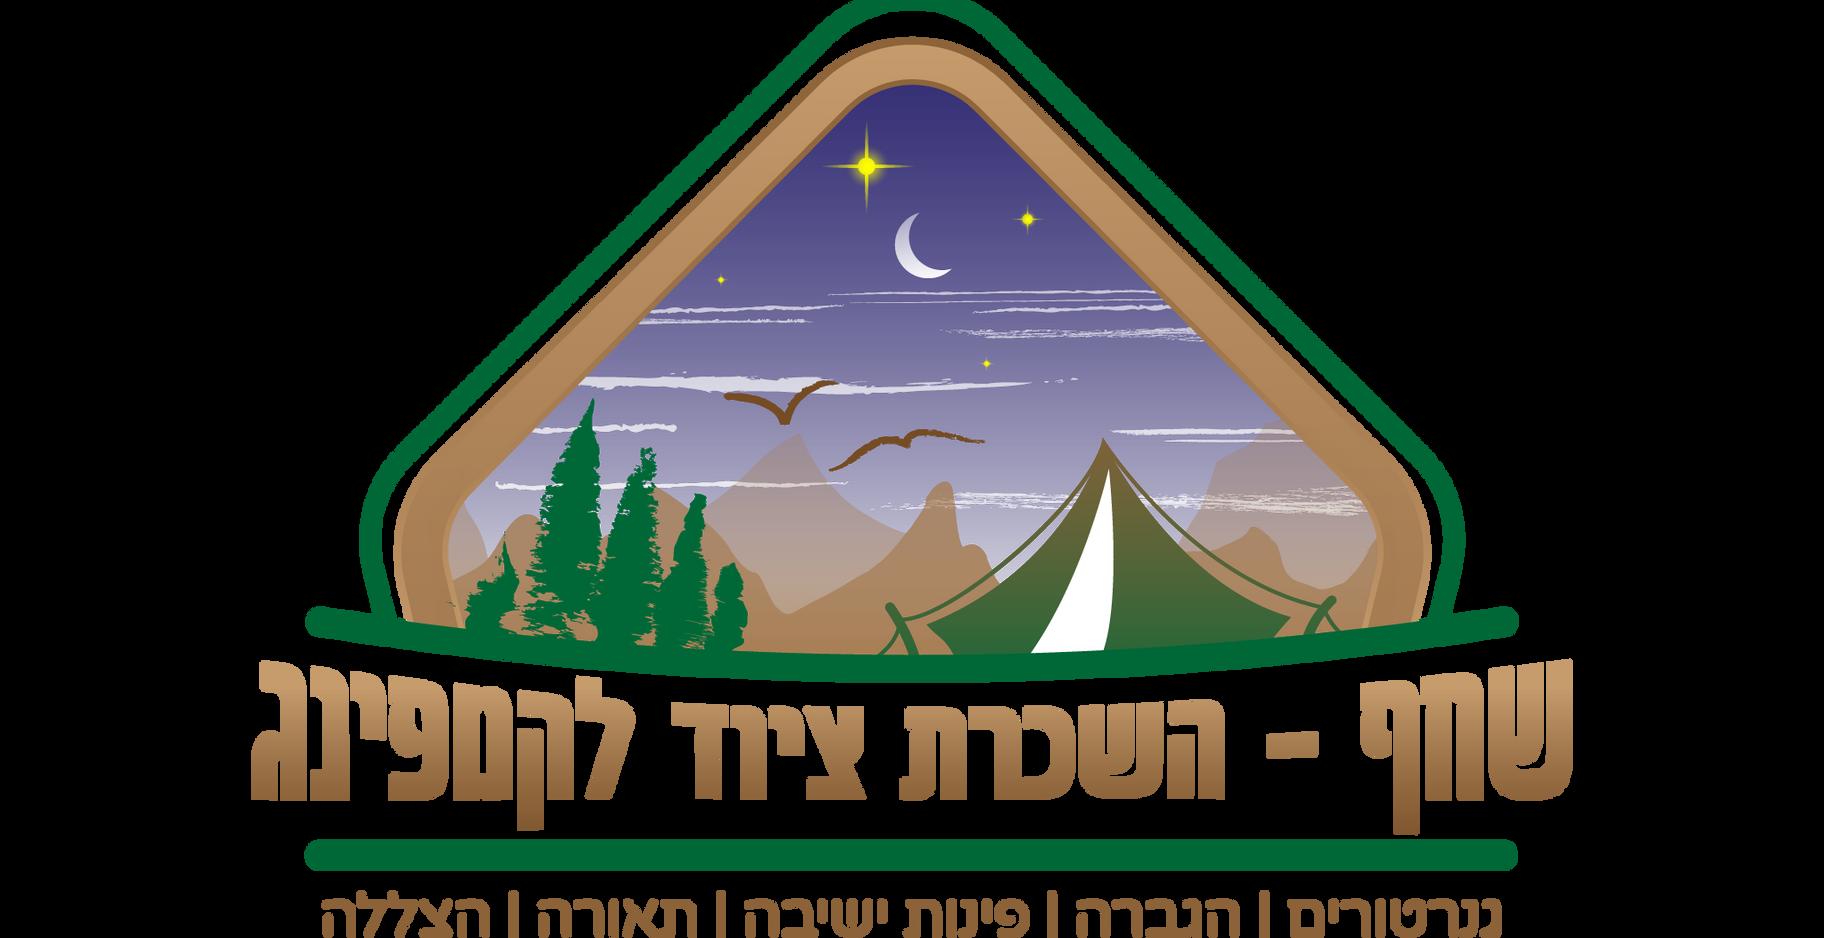 לוגו שחף ציוד לקמפינג